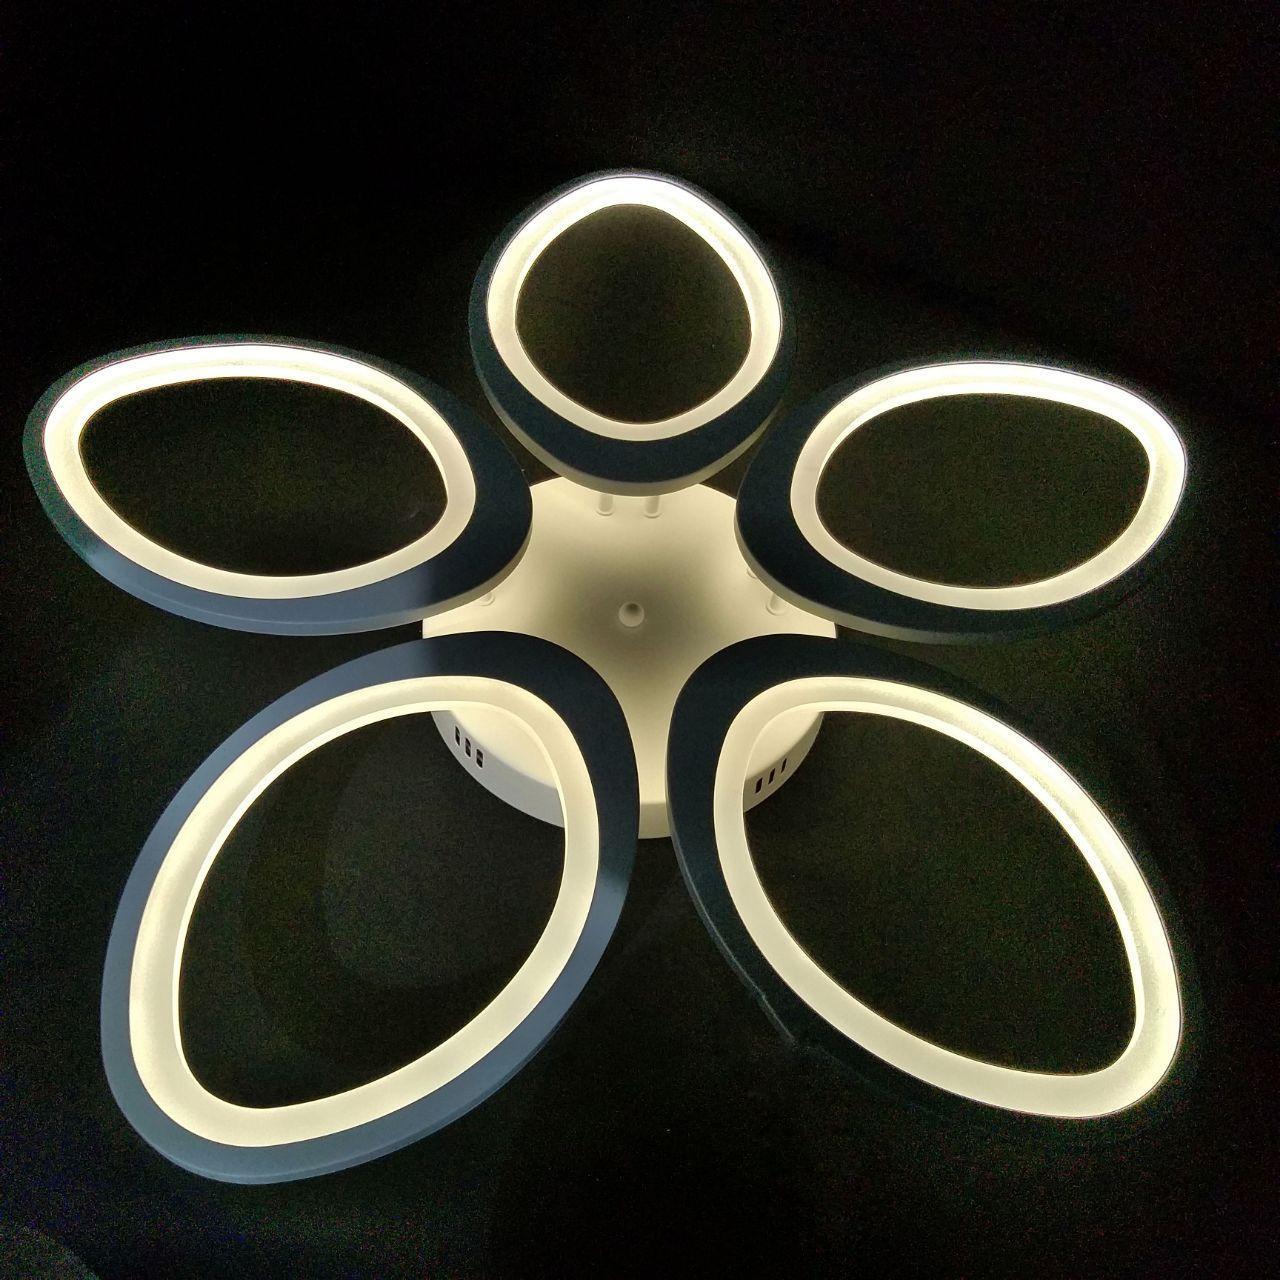 Люстра LED потолочная HJT-8021/5 WH 160W